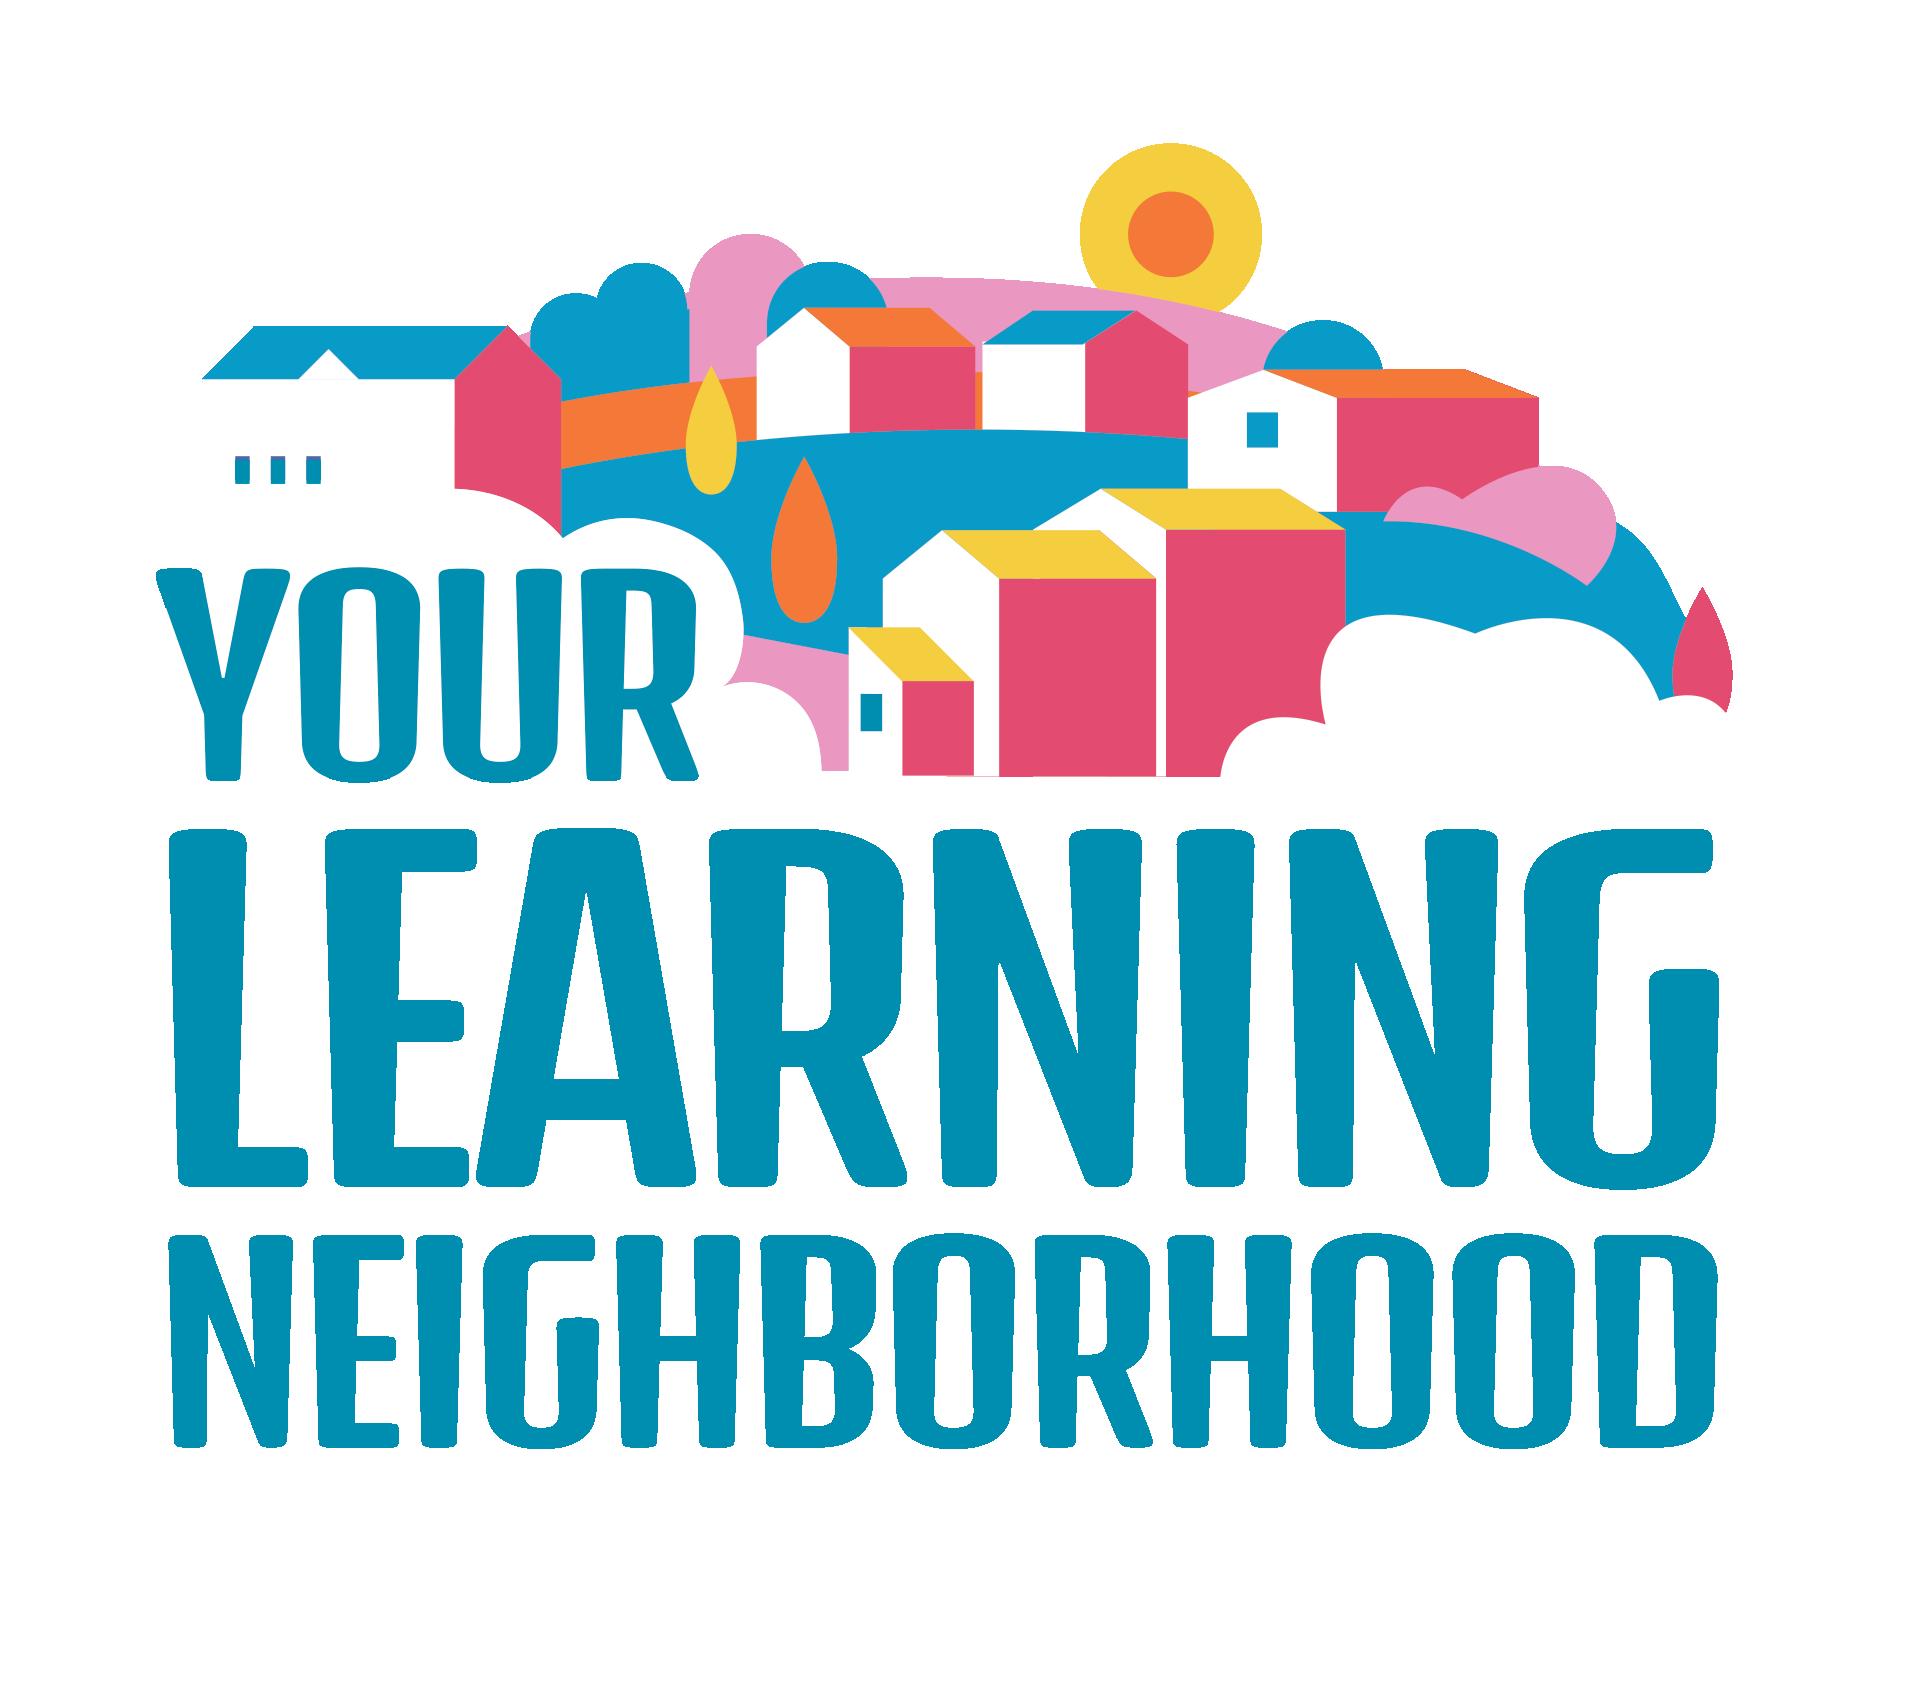 Your Learning Neighborhood